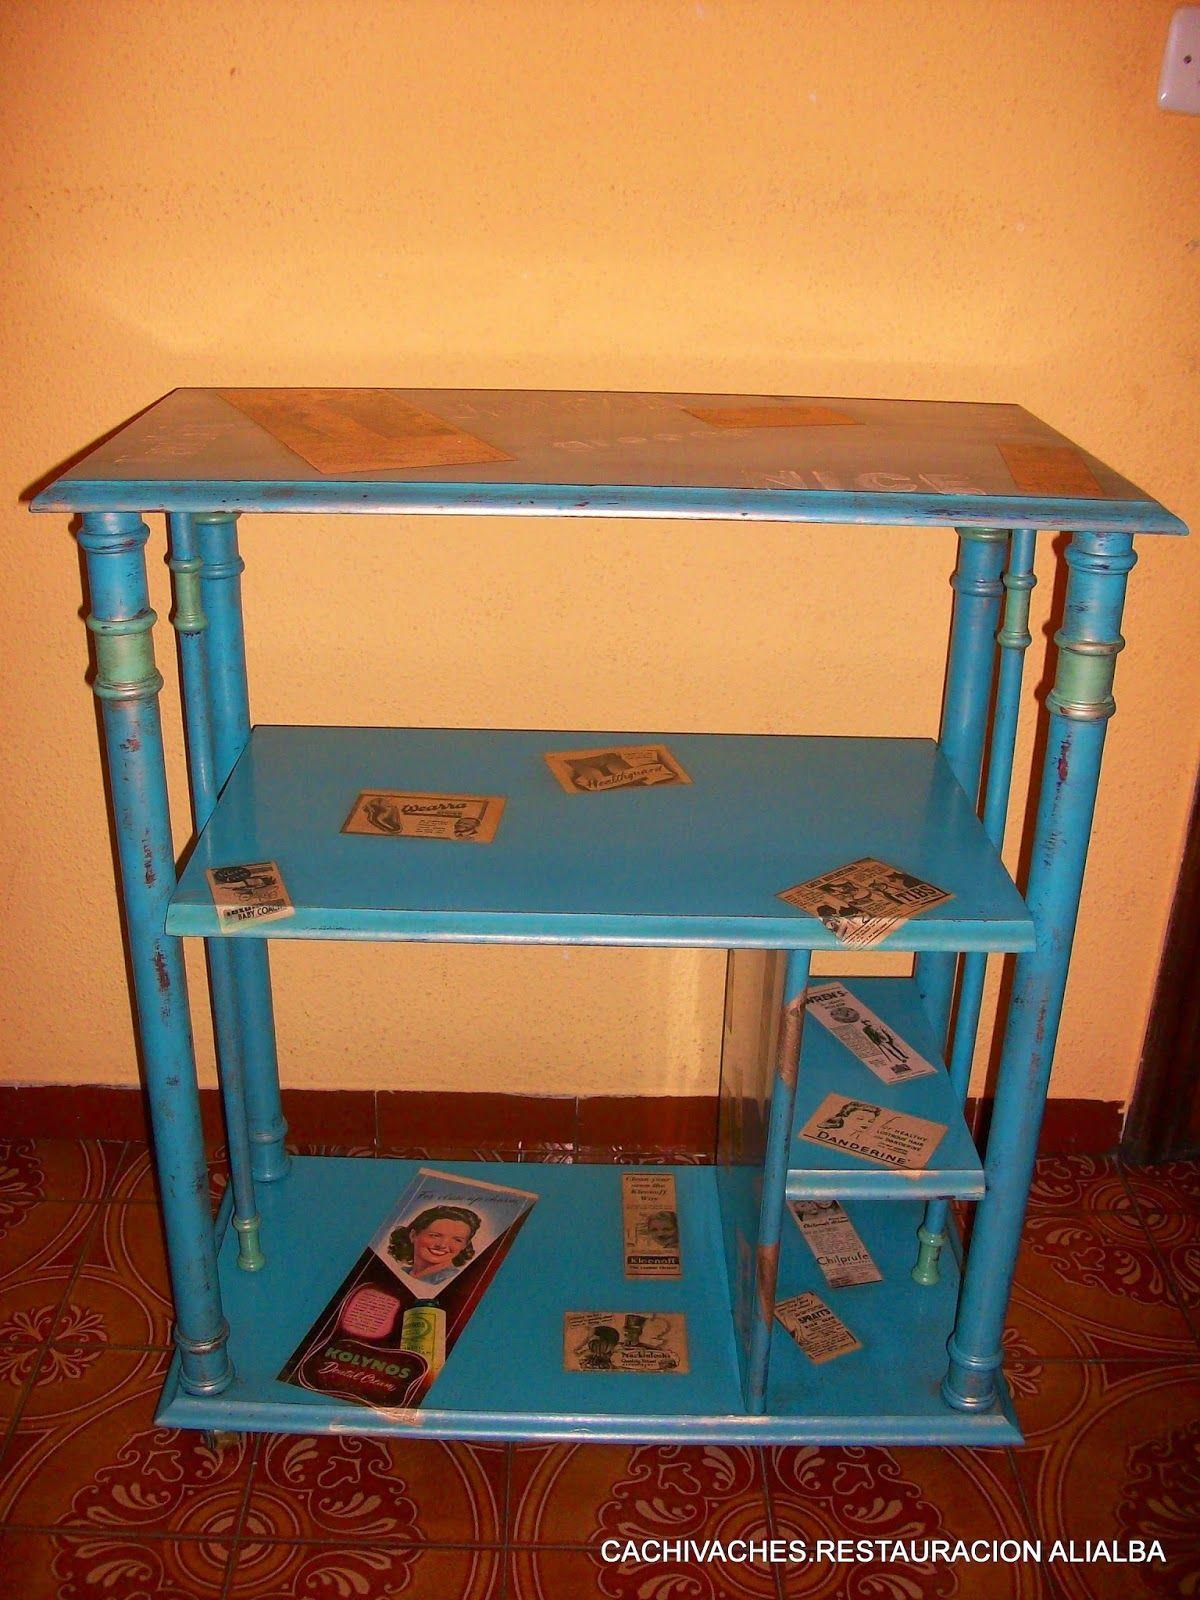 Restaurar Muebles Antes Y Despues Great Cachivaches Muebles Y  # Muebles Reformados Antes Y Despues